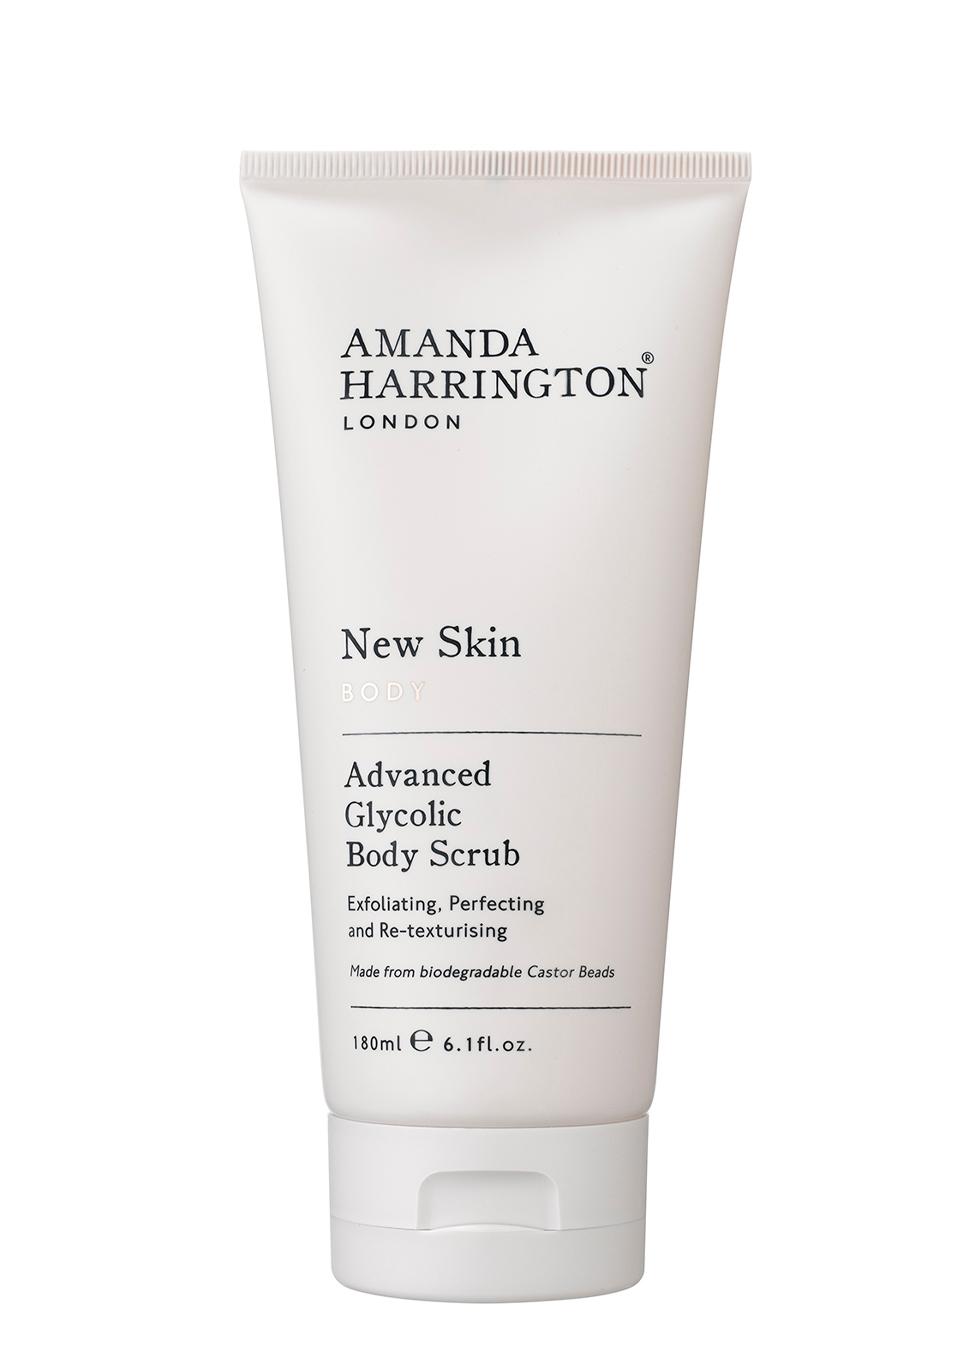 New Skin Body Advanced Glycolic Body Scrub 180ml